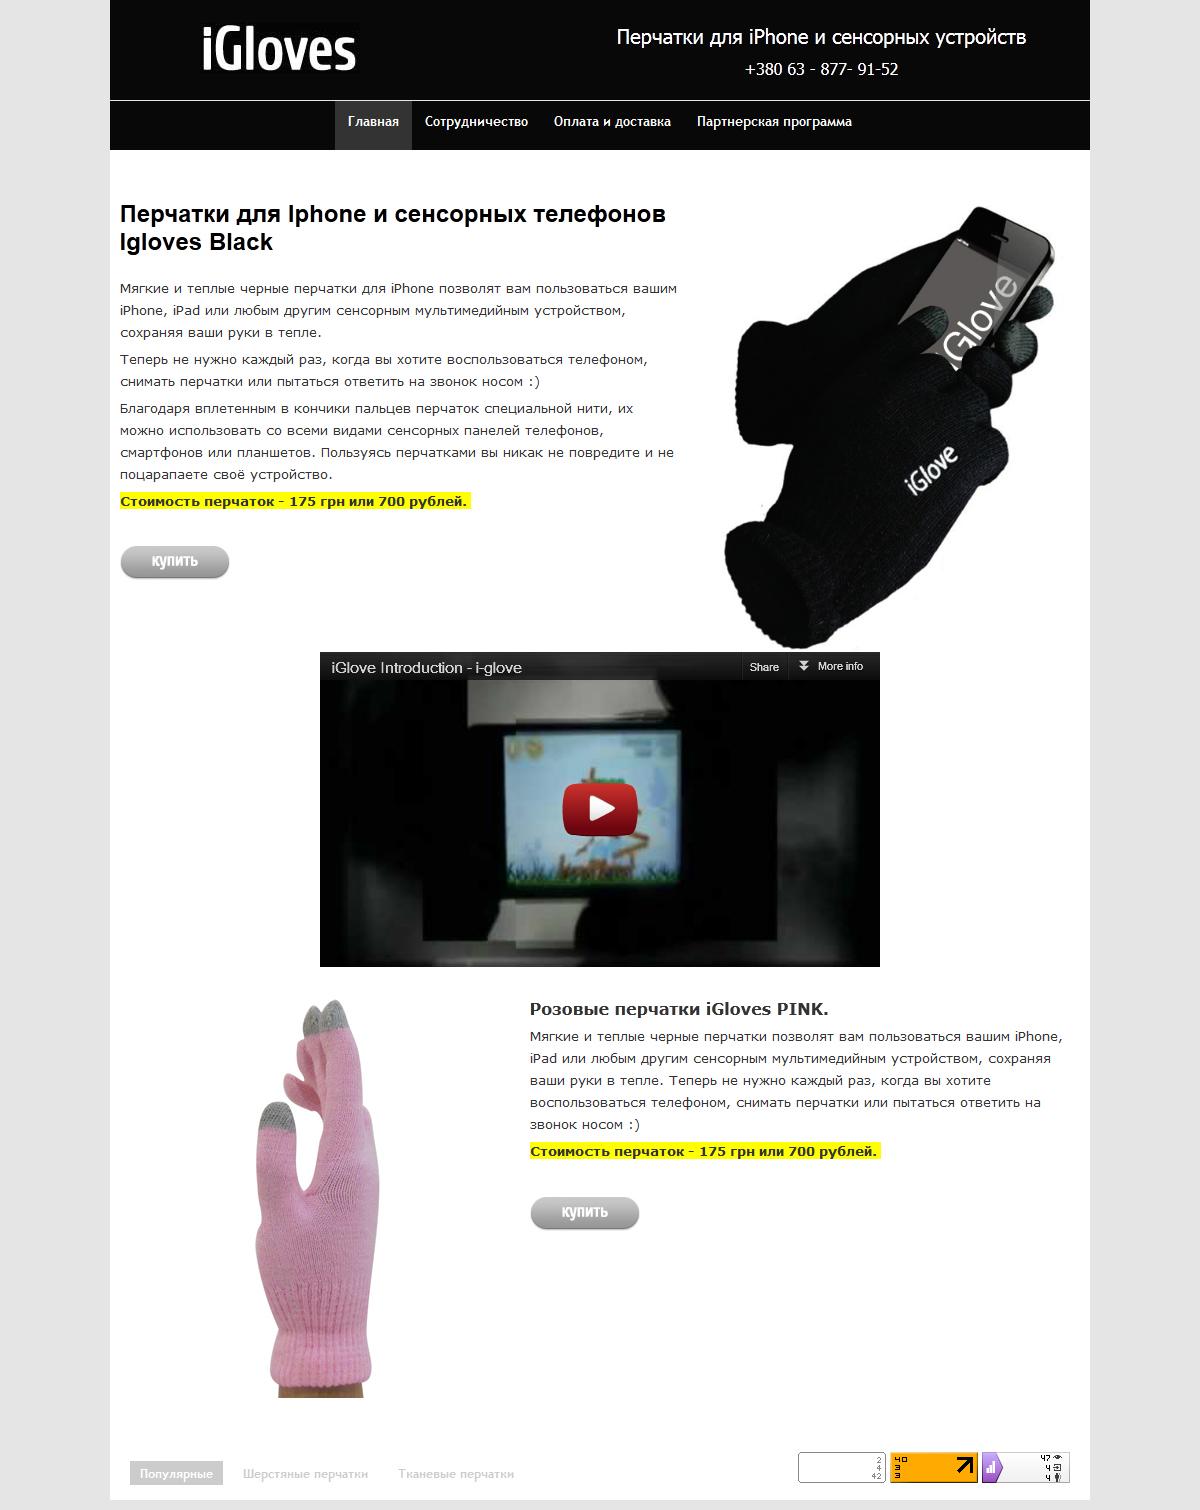 Перчатки для iPhone и сенсорных устройств